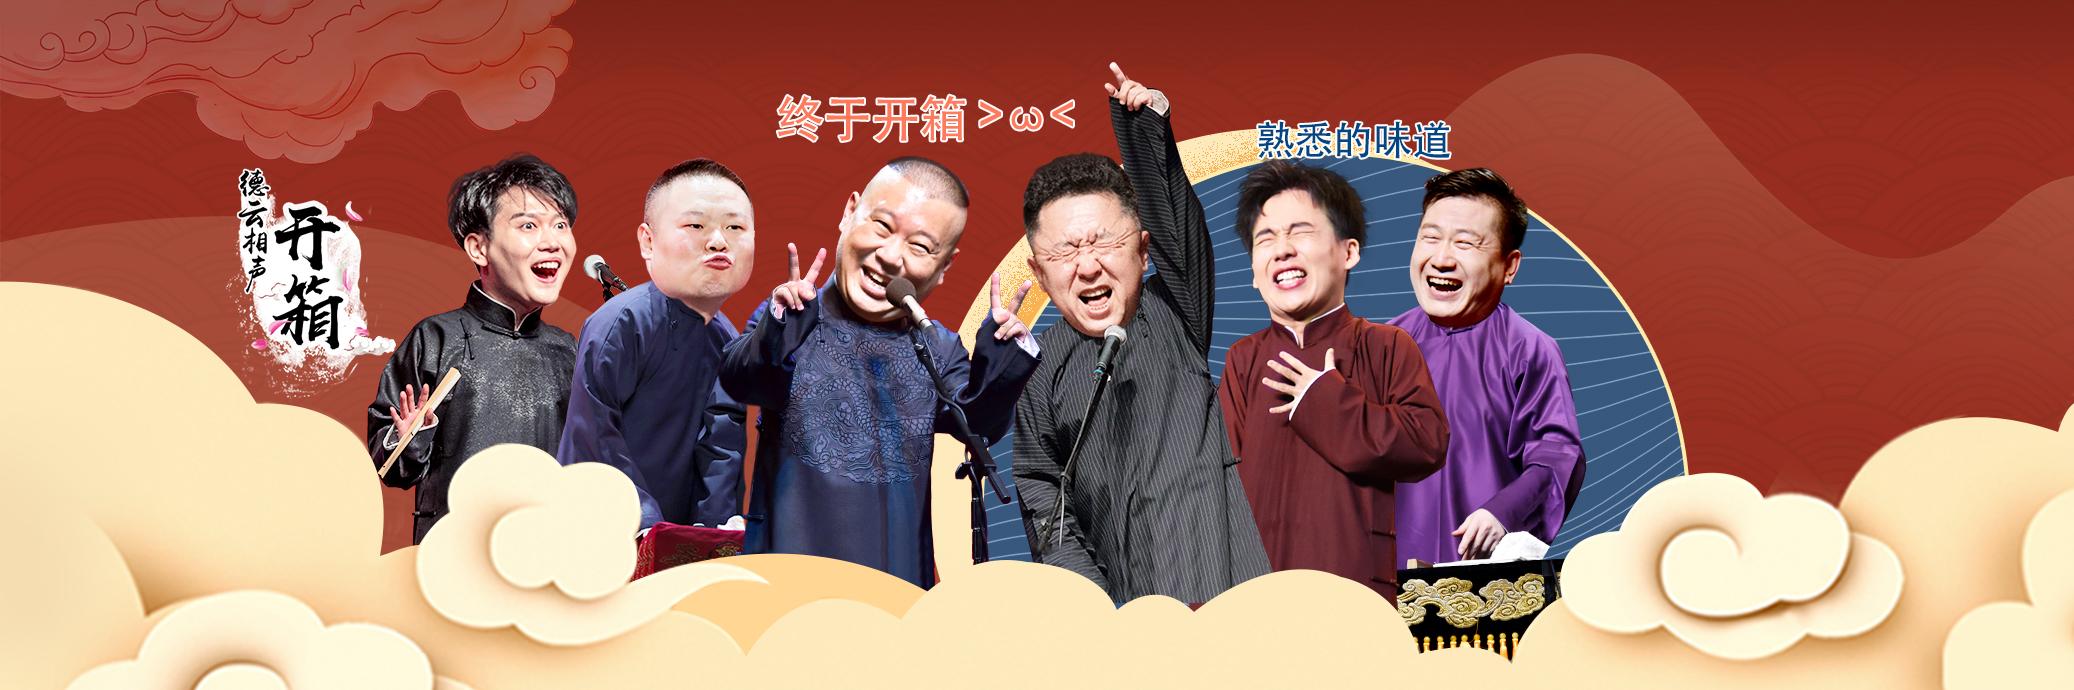 德云社庚子年开箱庆典2020